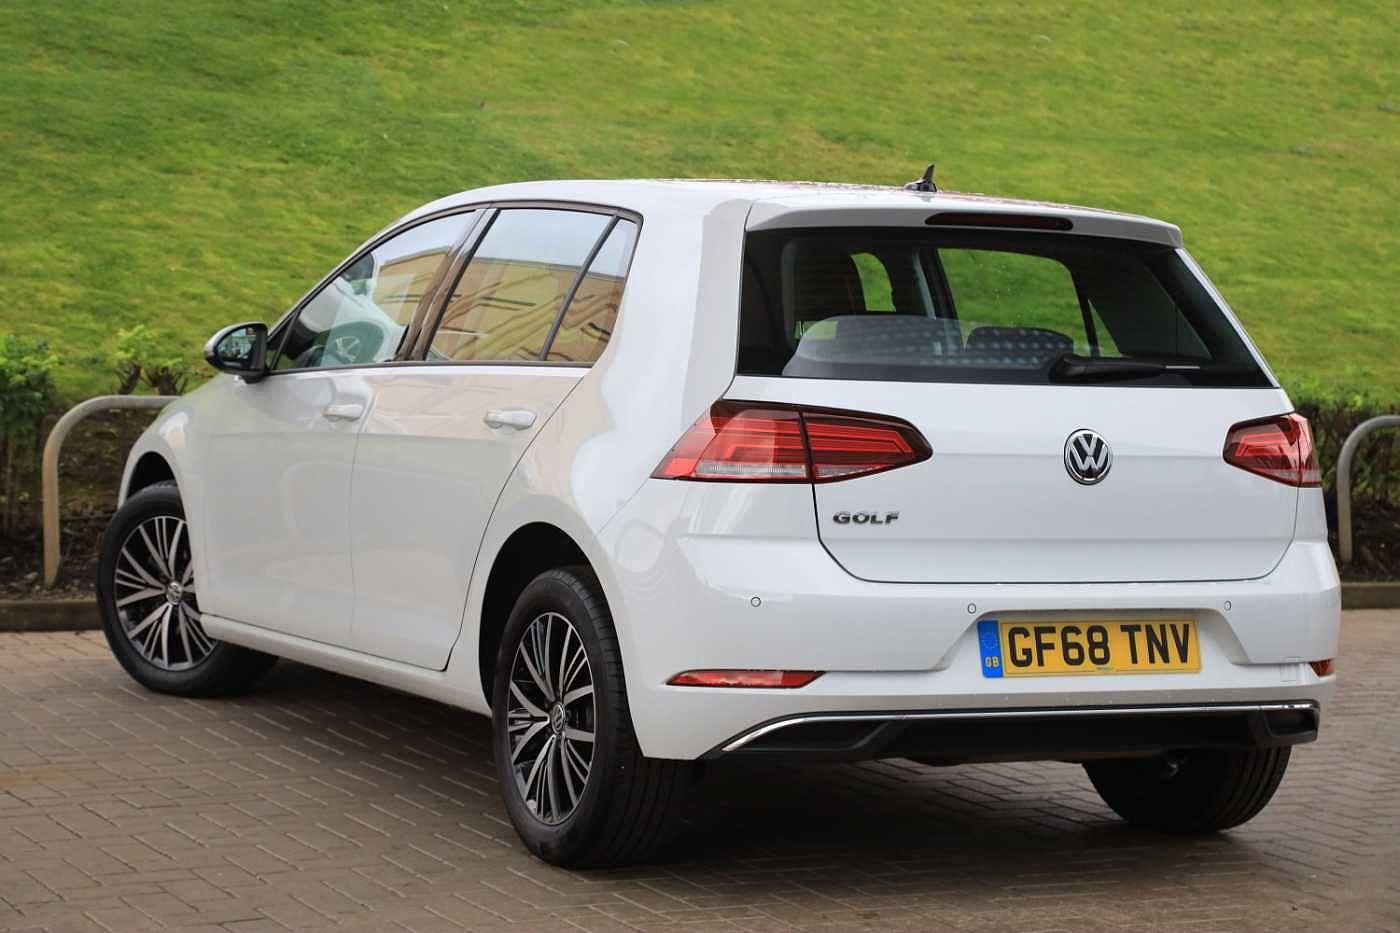 Volkswagen Golf for sale